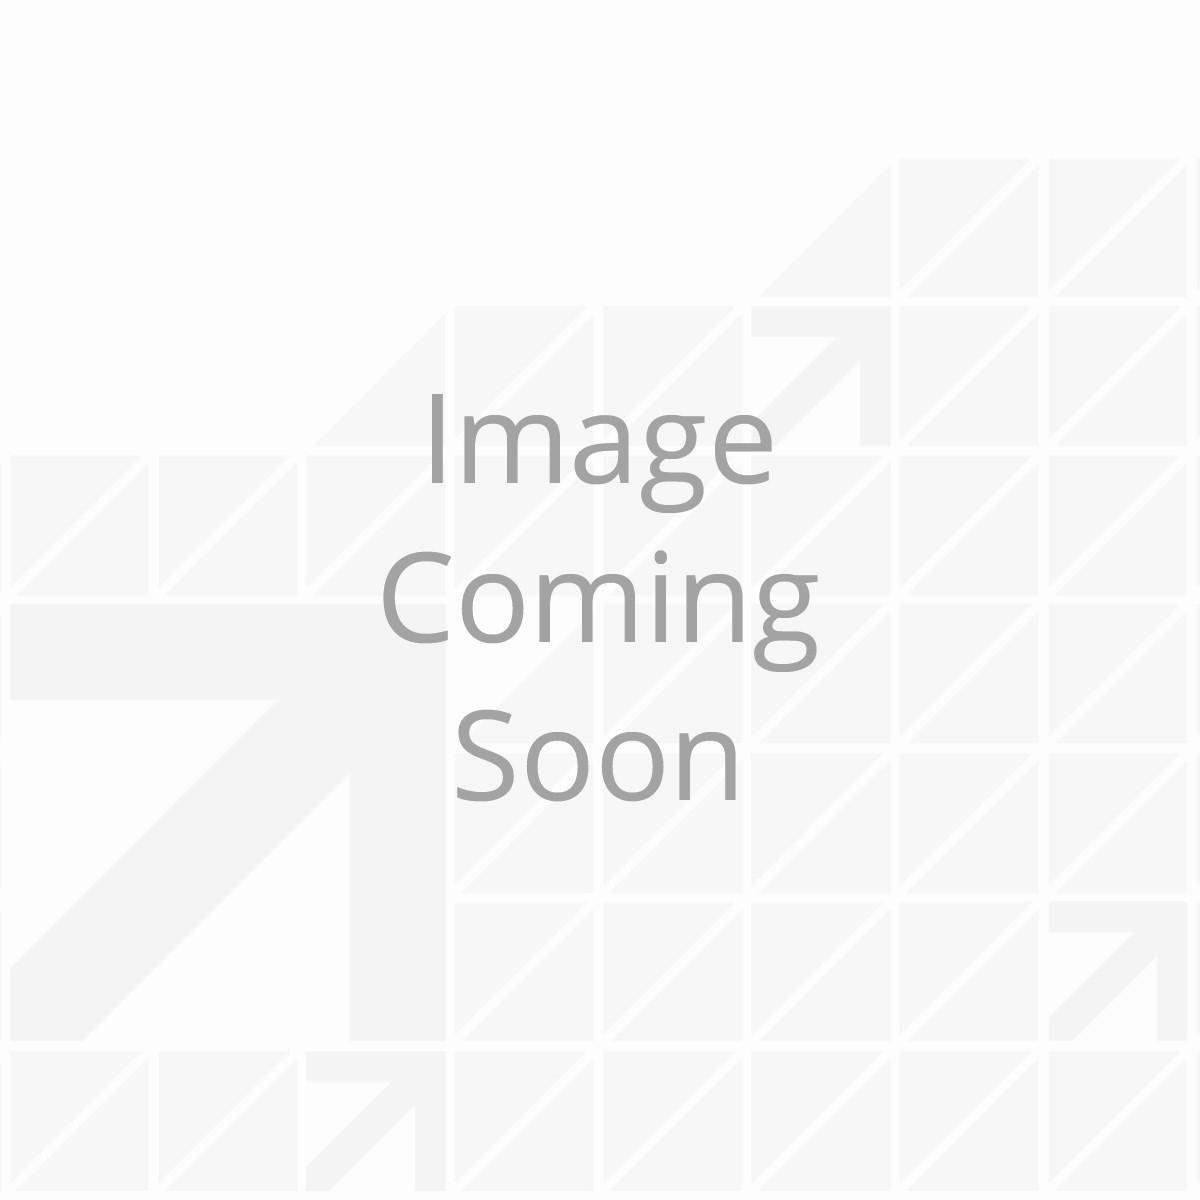 106185_Axle-Hanger_001